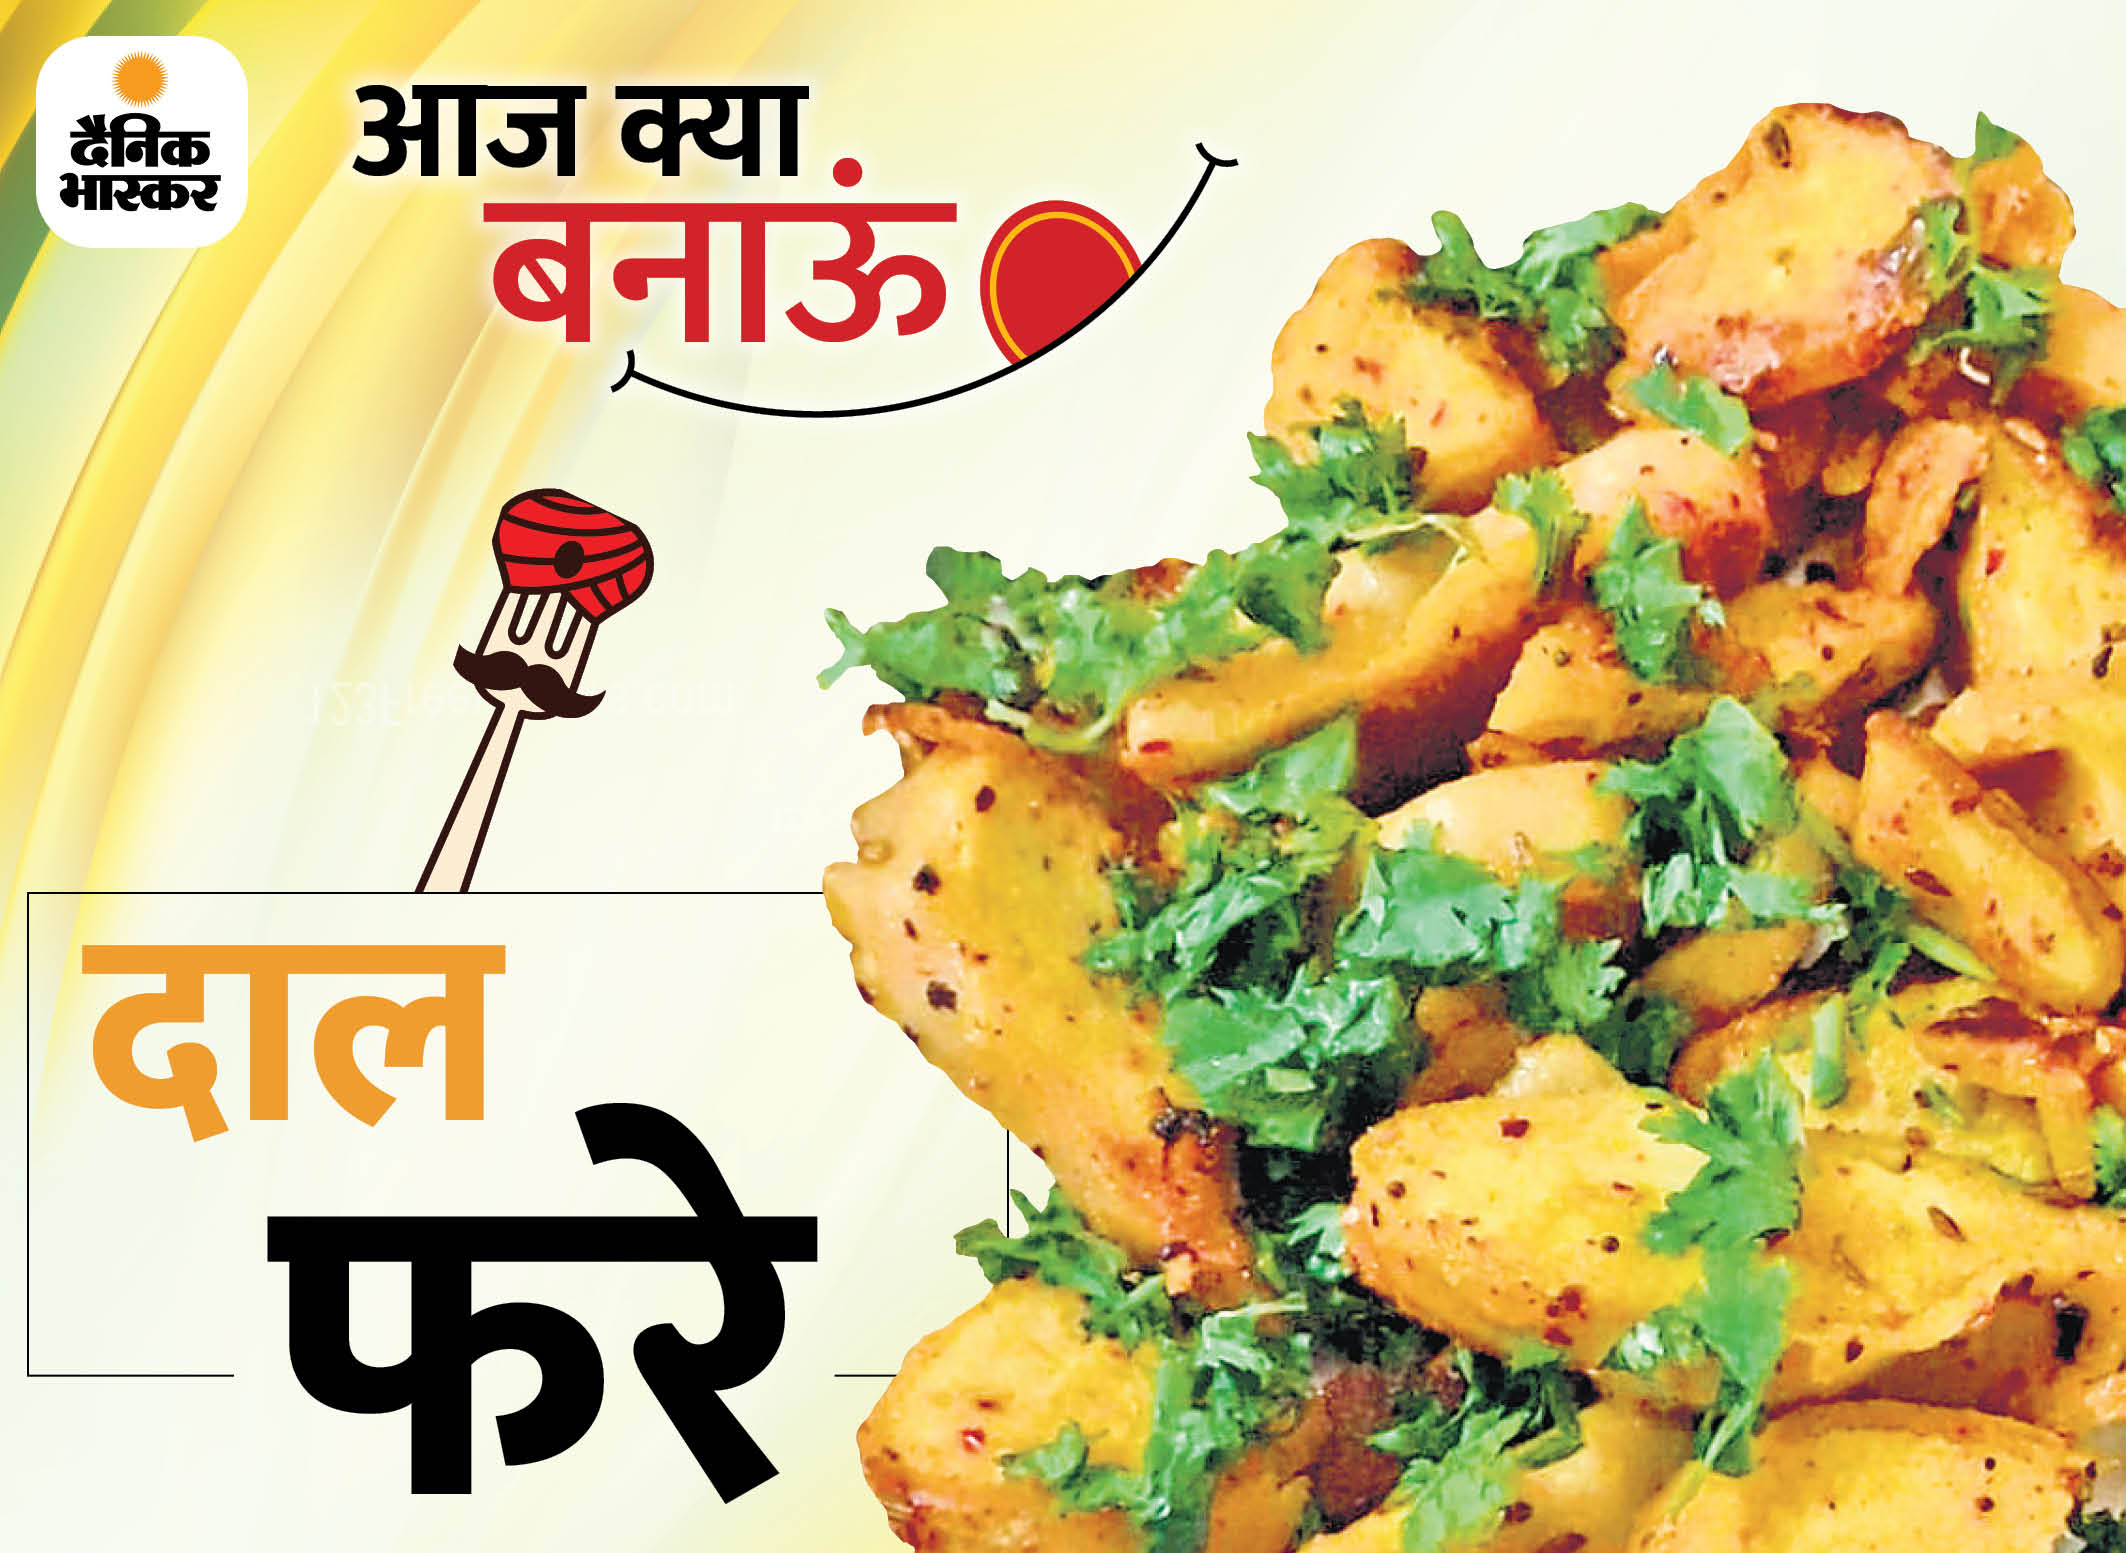 एक जैसे नाश्ते से बोर हो गए हैं तो बनाकर देखें दाल फरे, सभी को पसंद आएगा स्वाद|लाइफस्टाइल,Lifestyle - Dainik Bhaskar